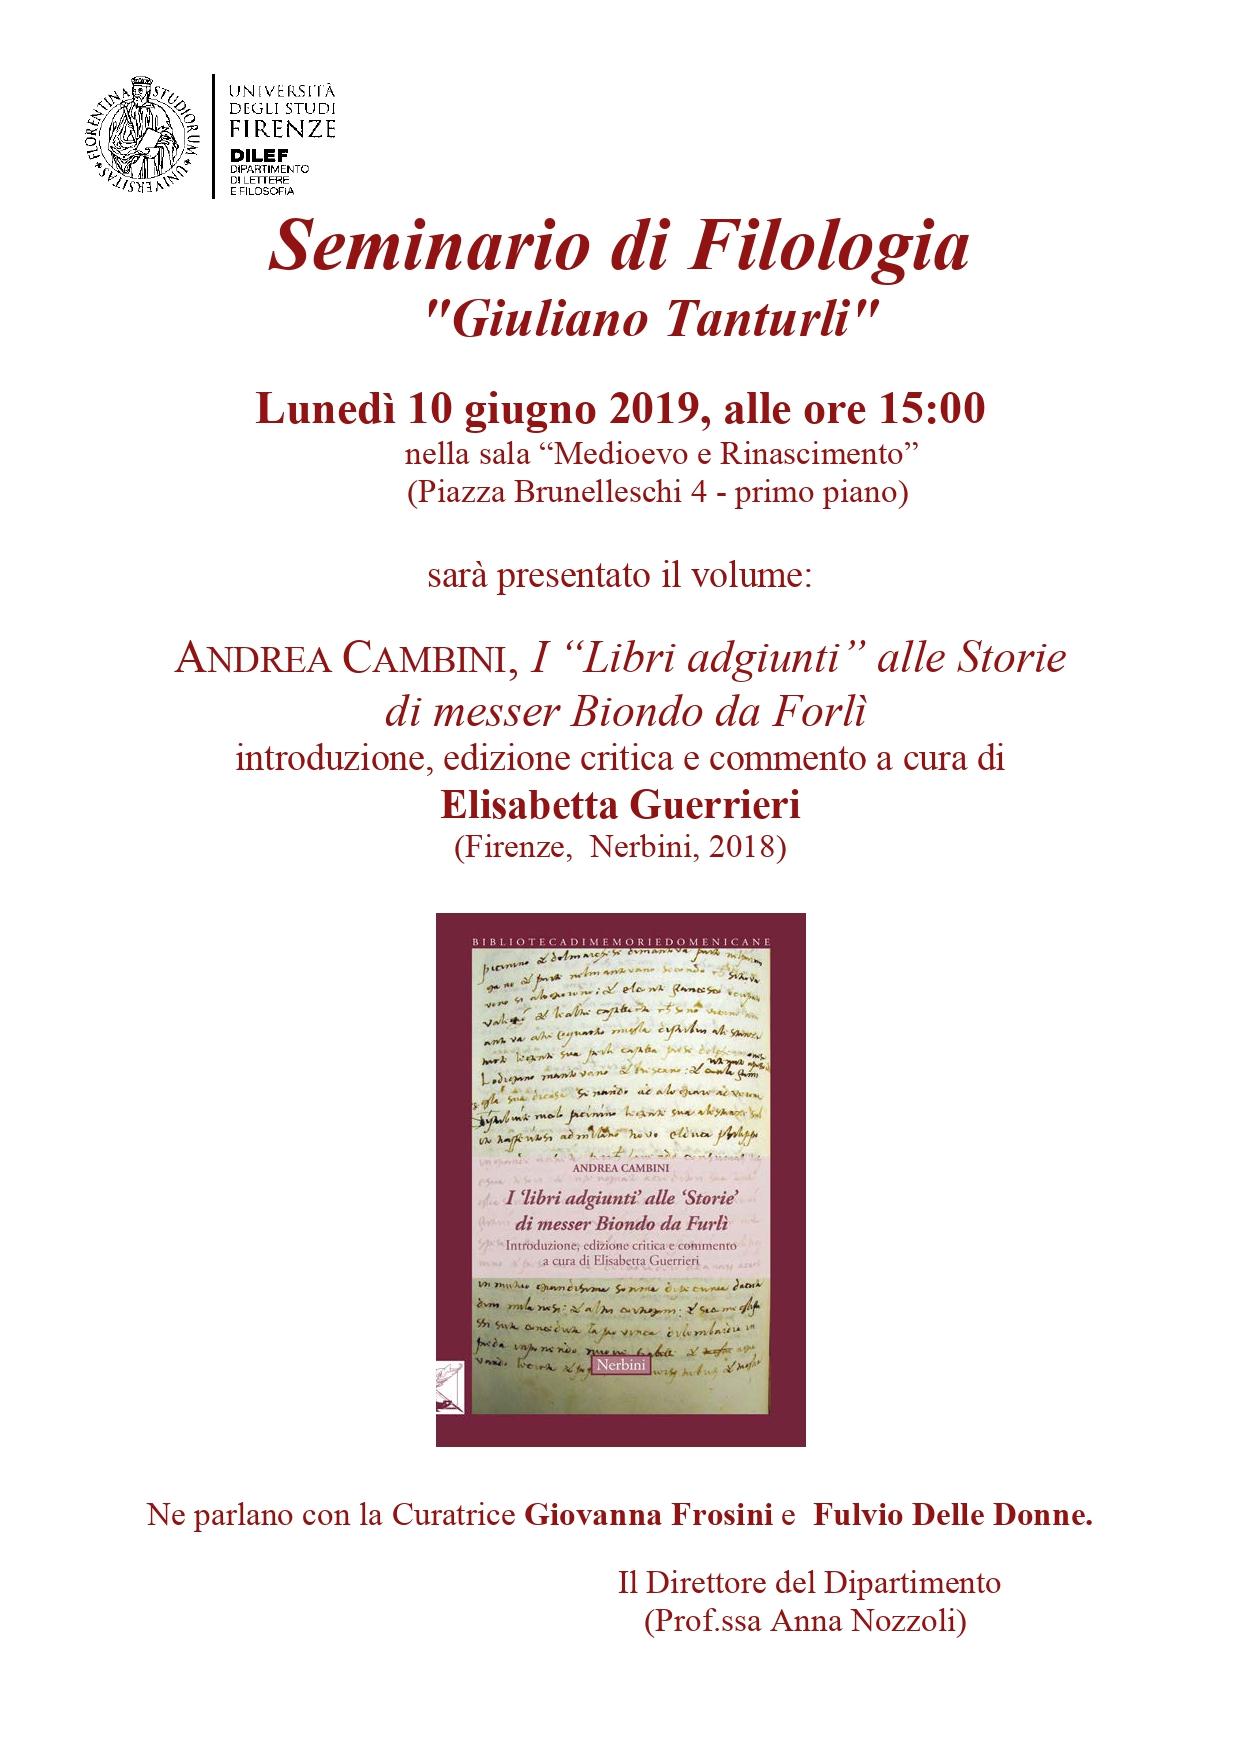 seminario filologia presentazione GUERRIERI_giugno 2019_page-0001